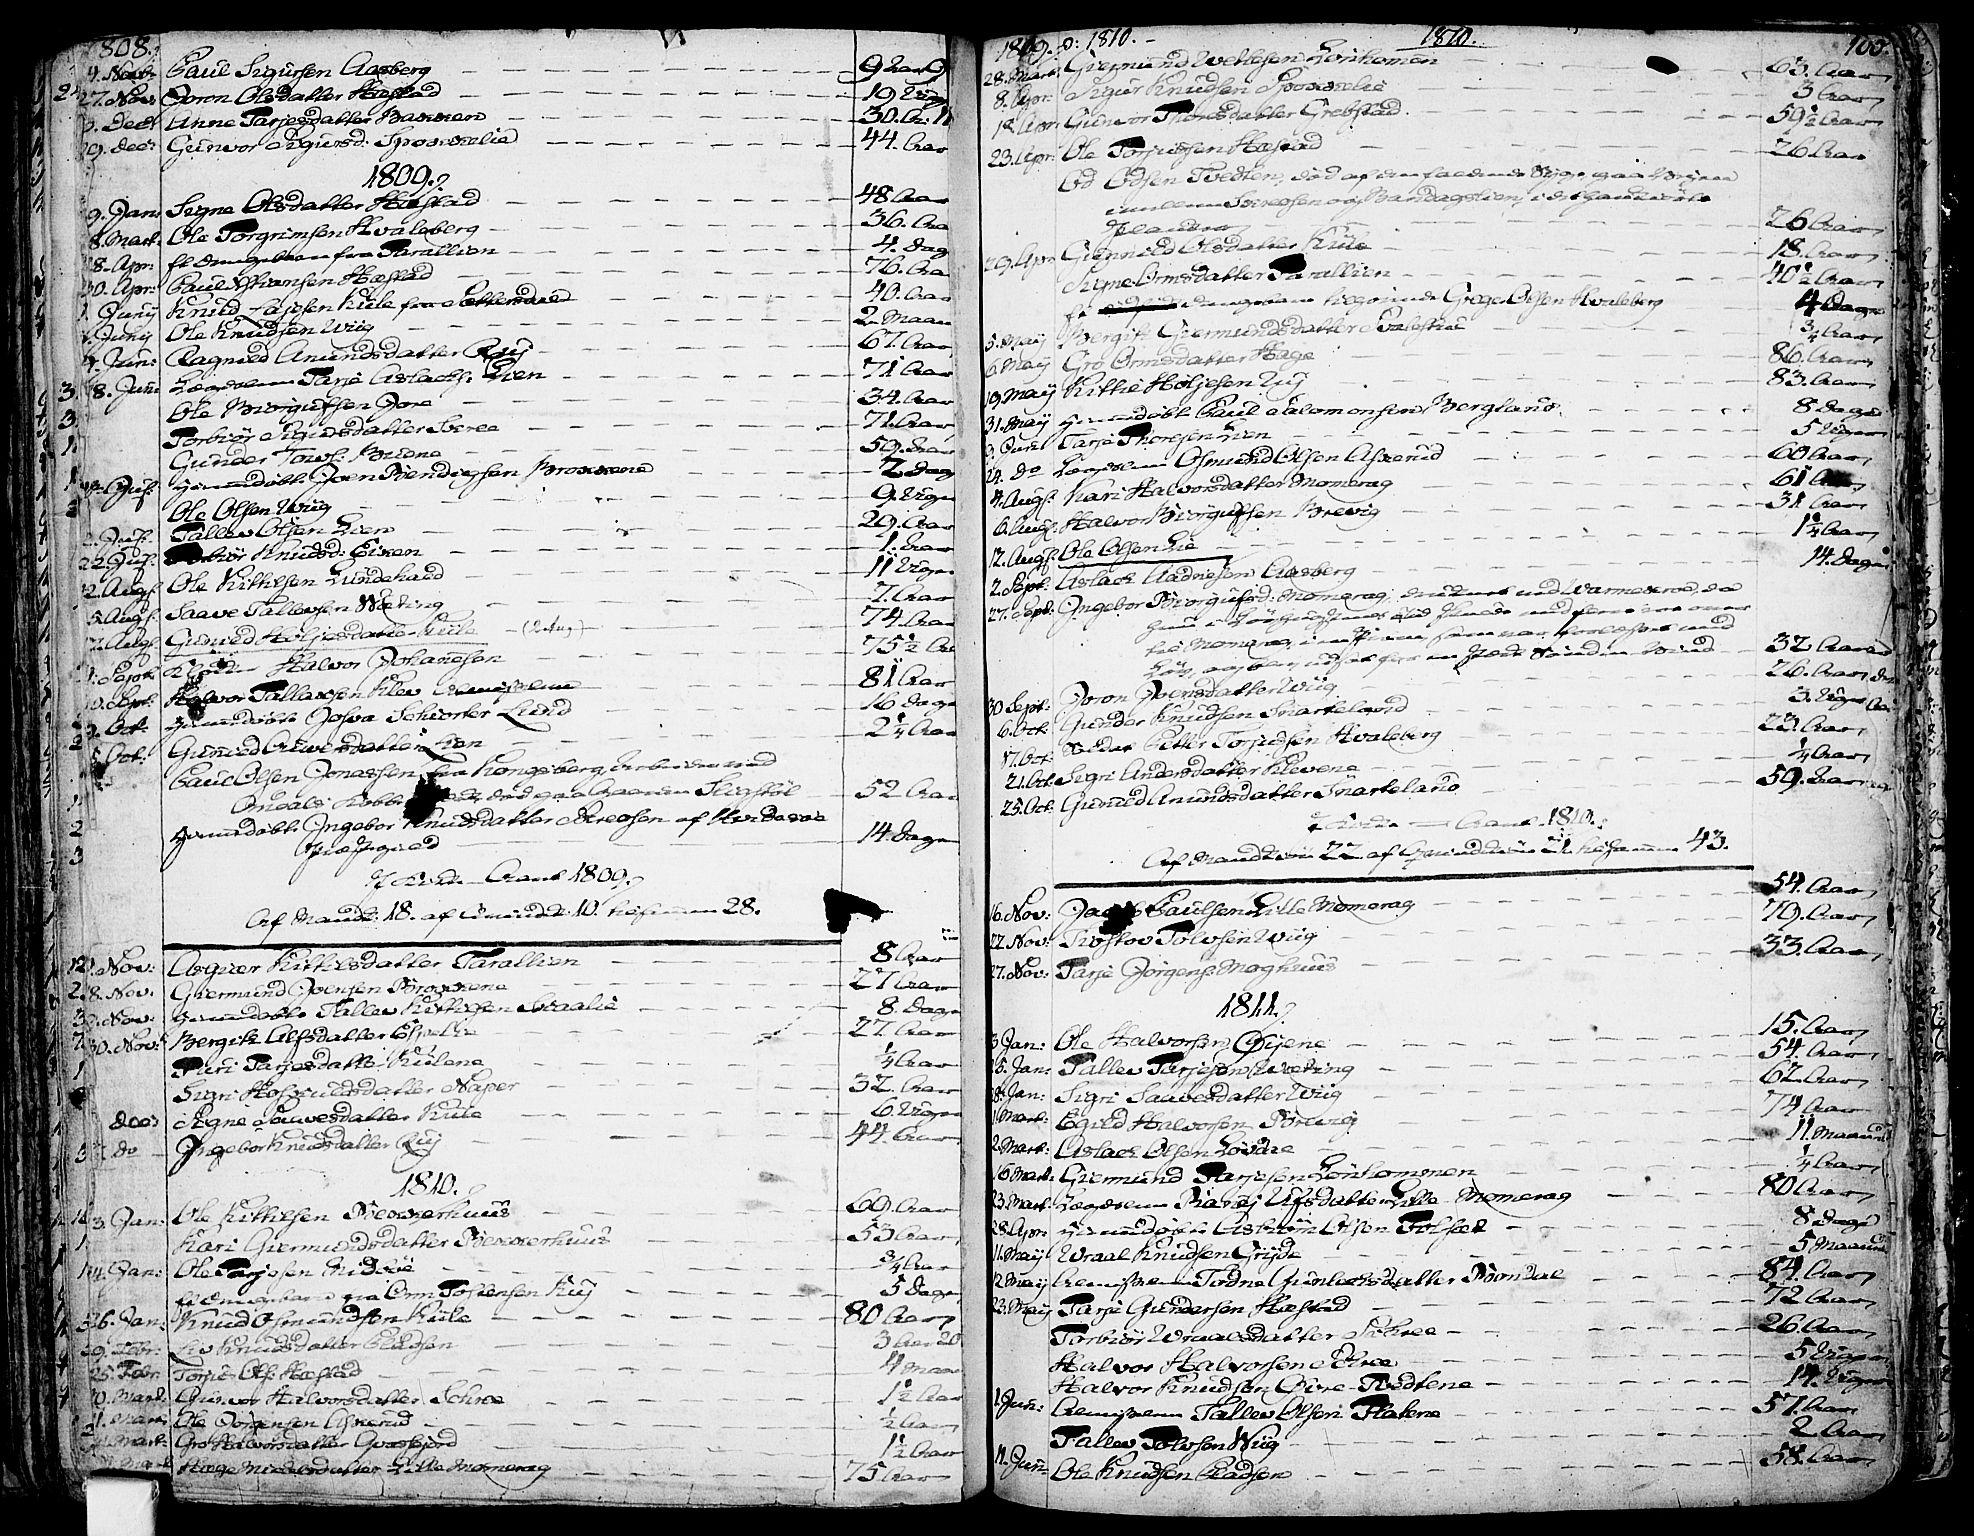 SAKO, Fyresdal kirkebøker, F/Fa/L0002: Ministerialbok nr. I 2, 1769-1814, s. 100